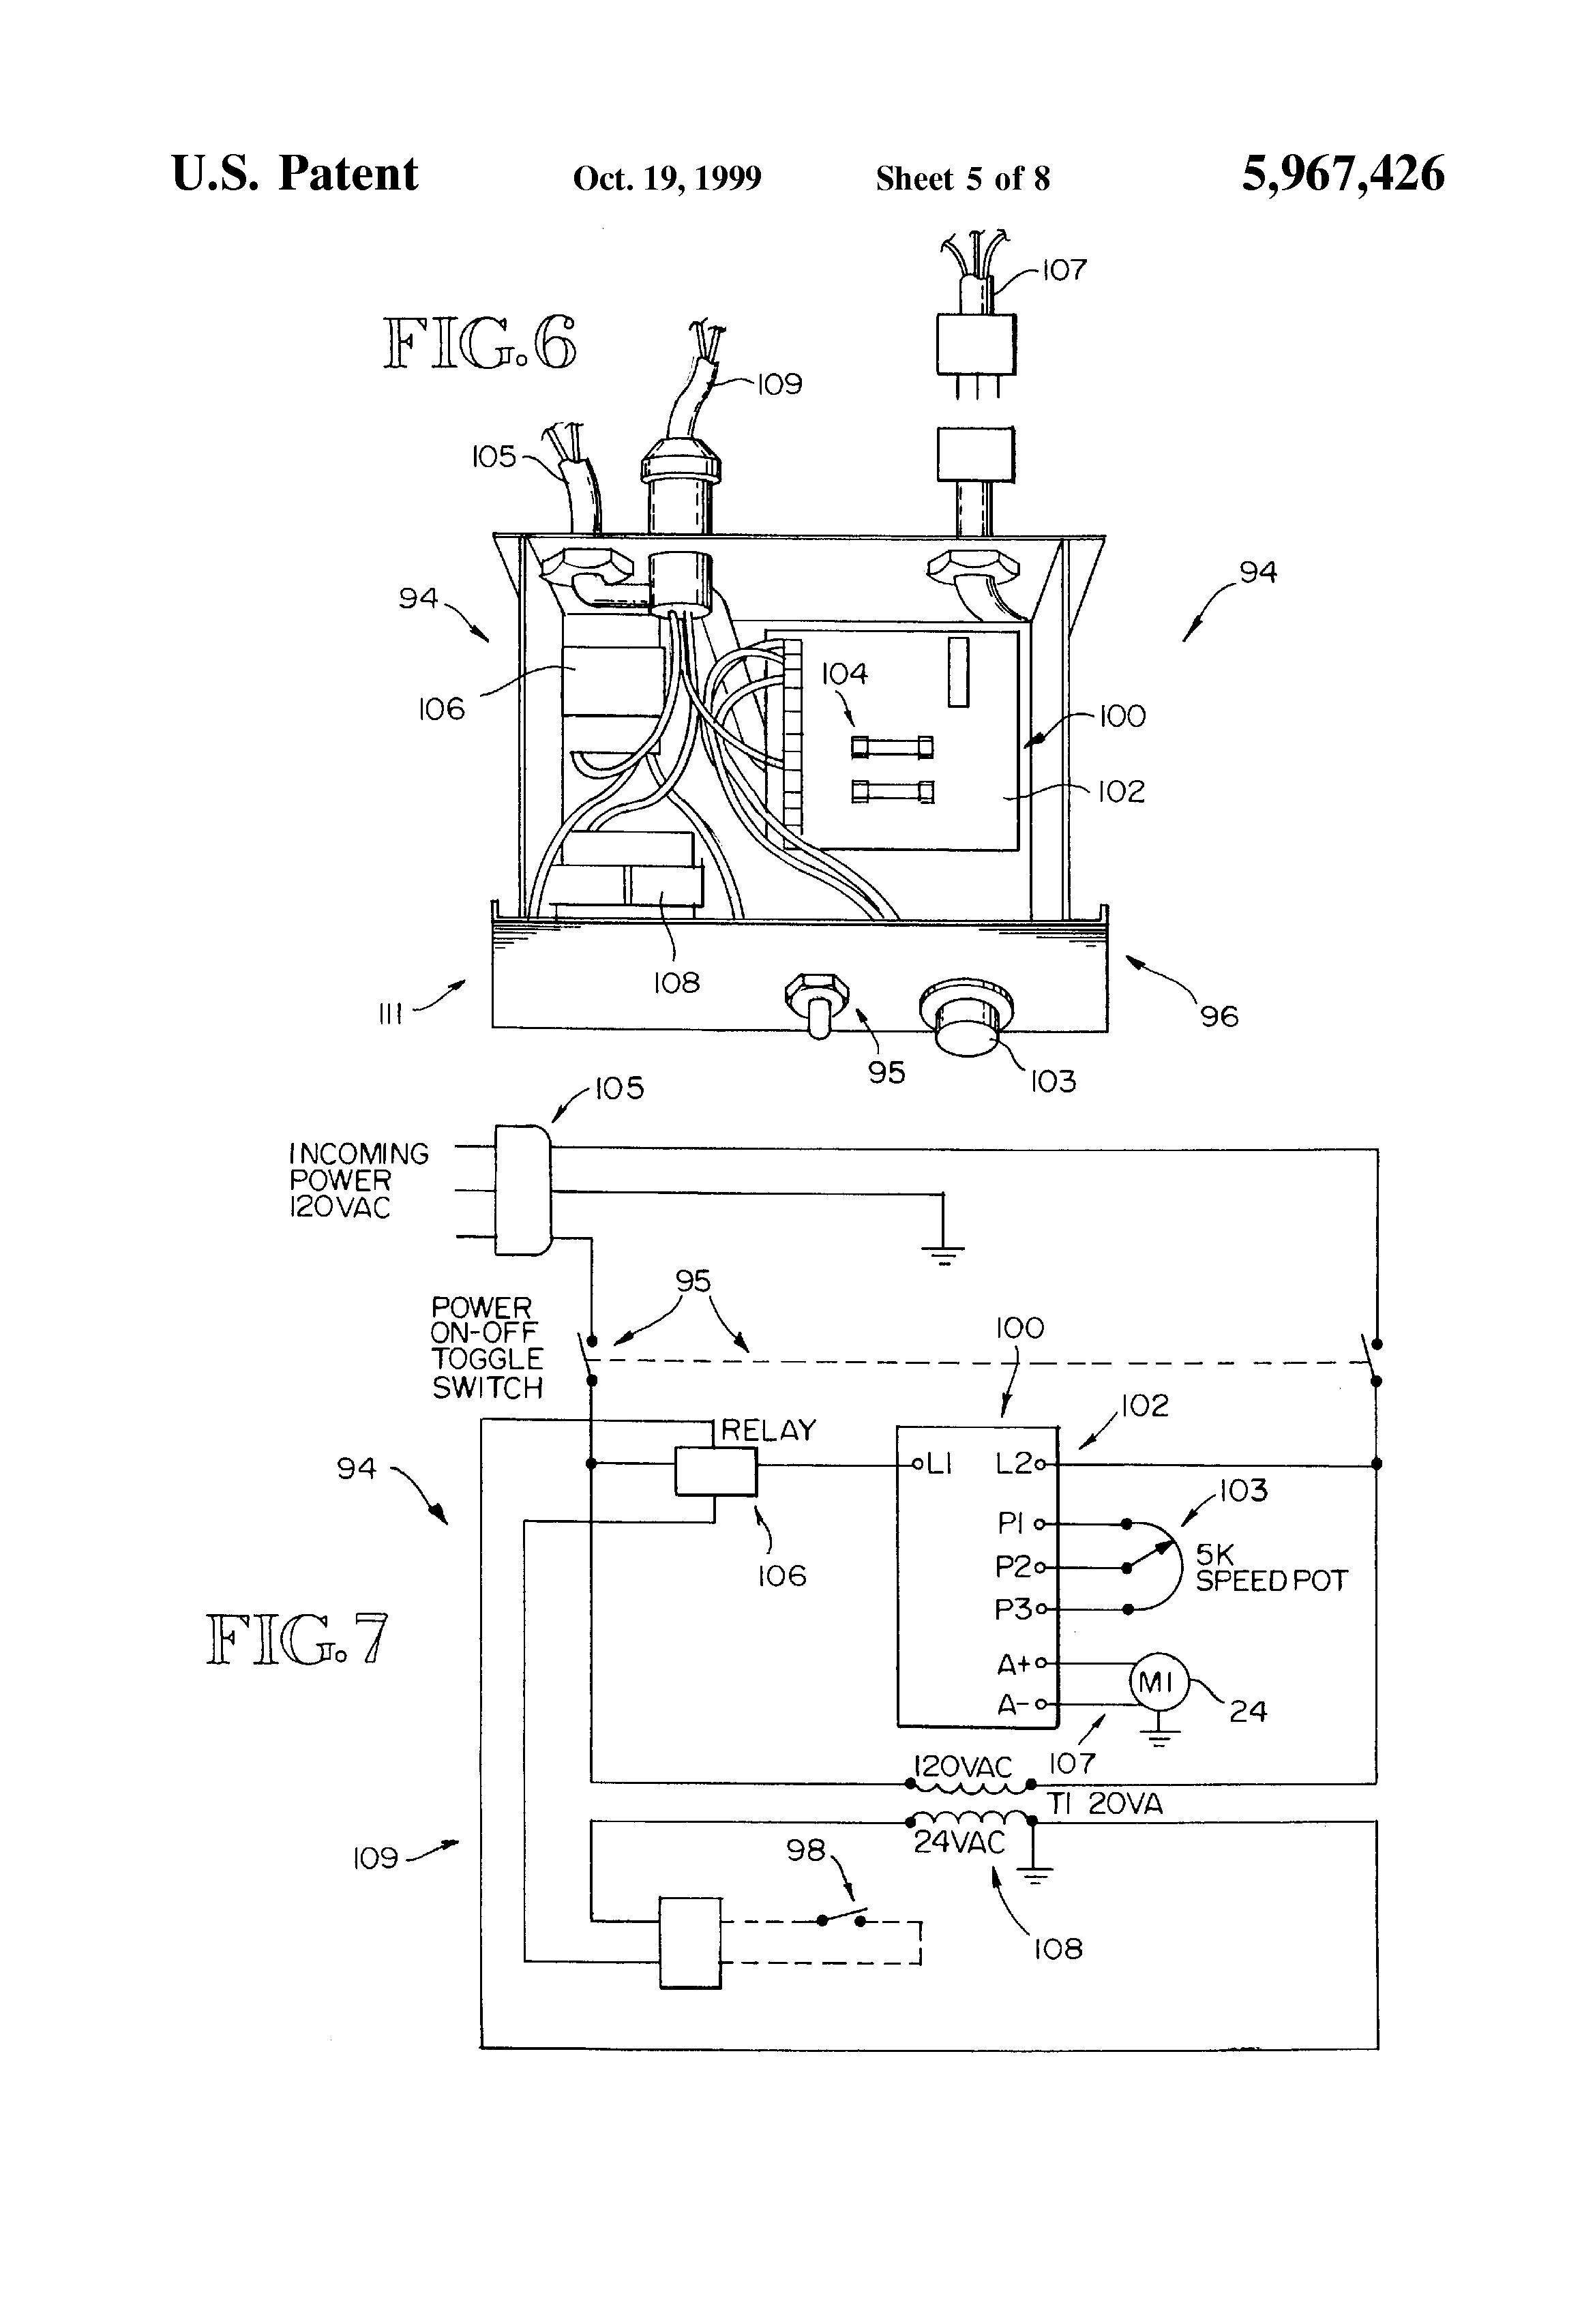 🏆 Edwards Transformers 598 Wiring Diagram wiring diagram608fd8be698c52c057185b8340b31b00.diagram-jussfqj.lebouchage38.fr